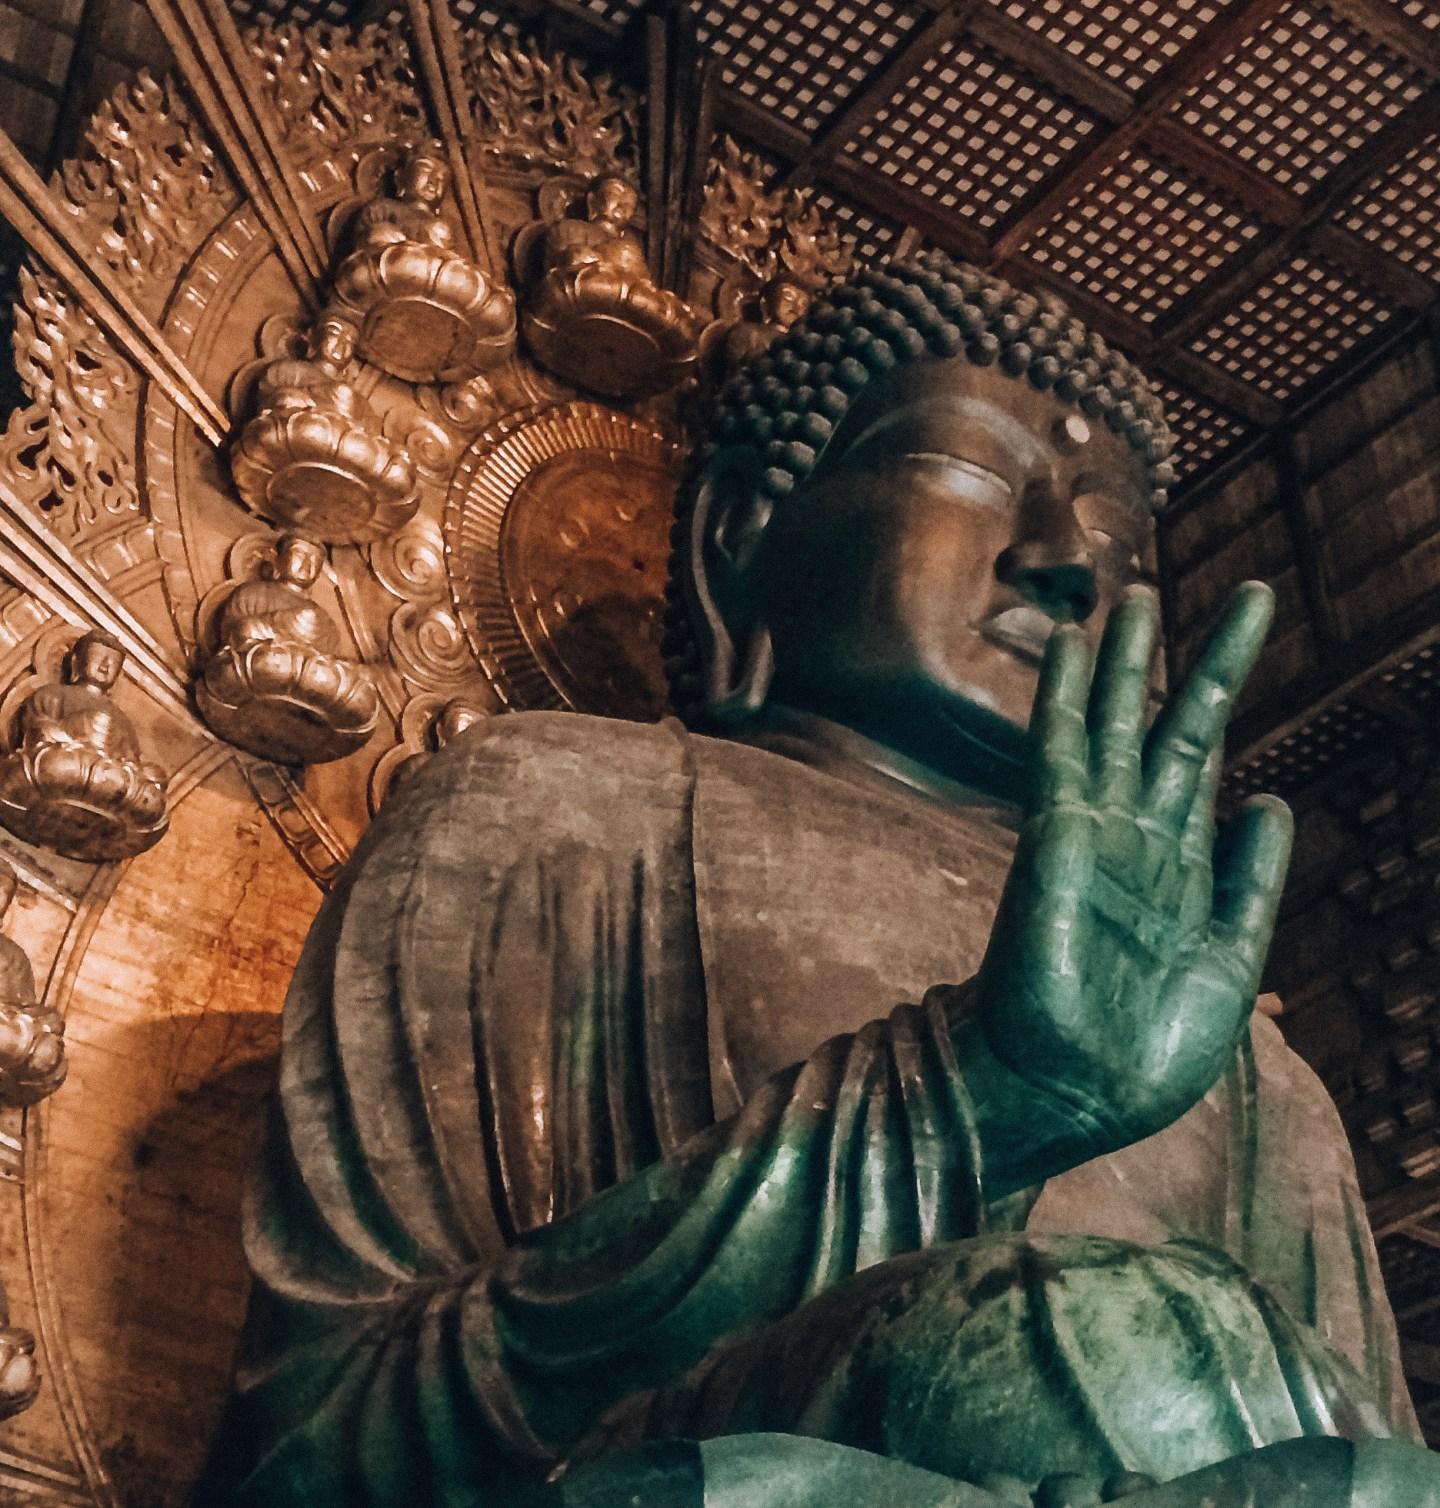 Giant Buddha, Nara Japan